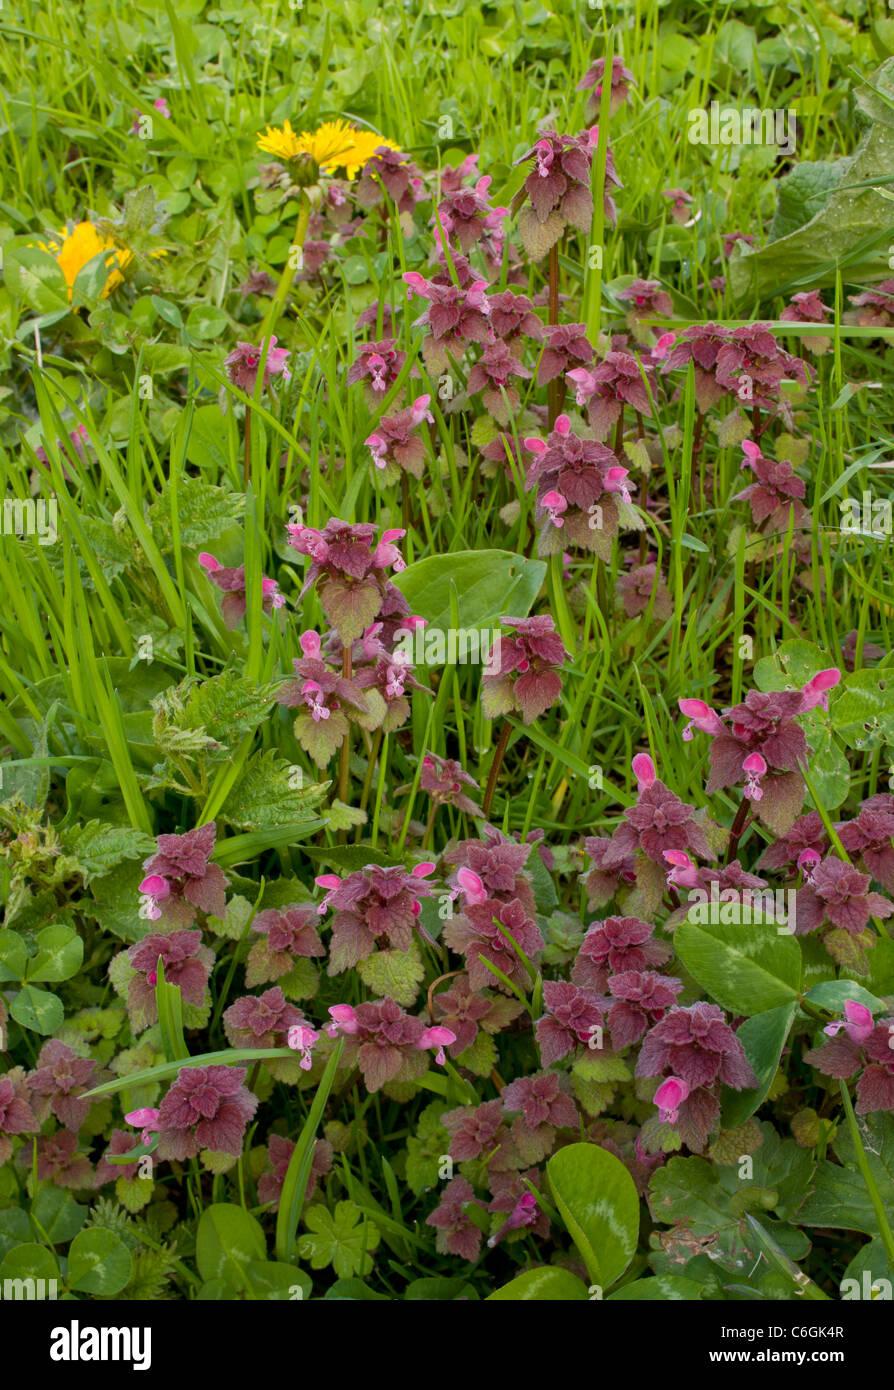 Red Dead-nettle, Lamium purpureum en fleur. Mauvaises herbes généralisée. Banque D'Images